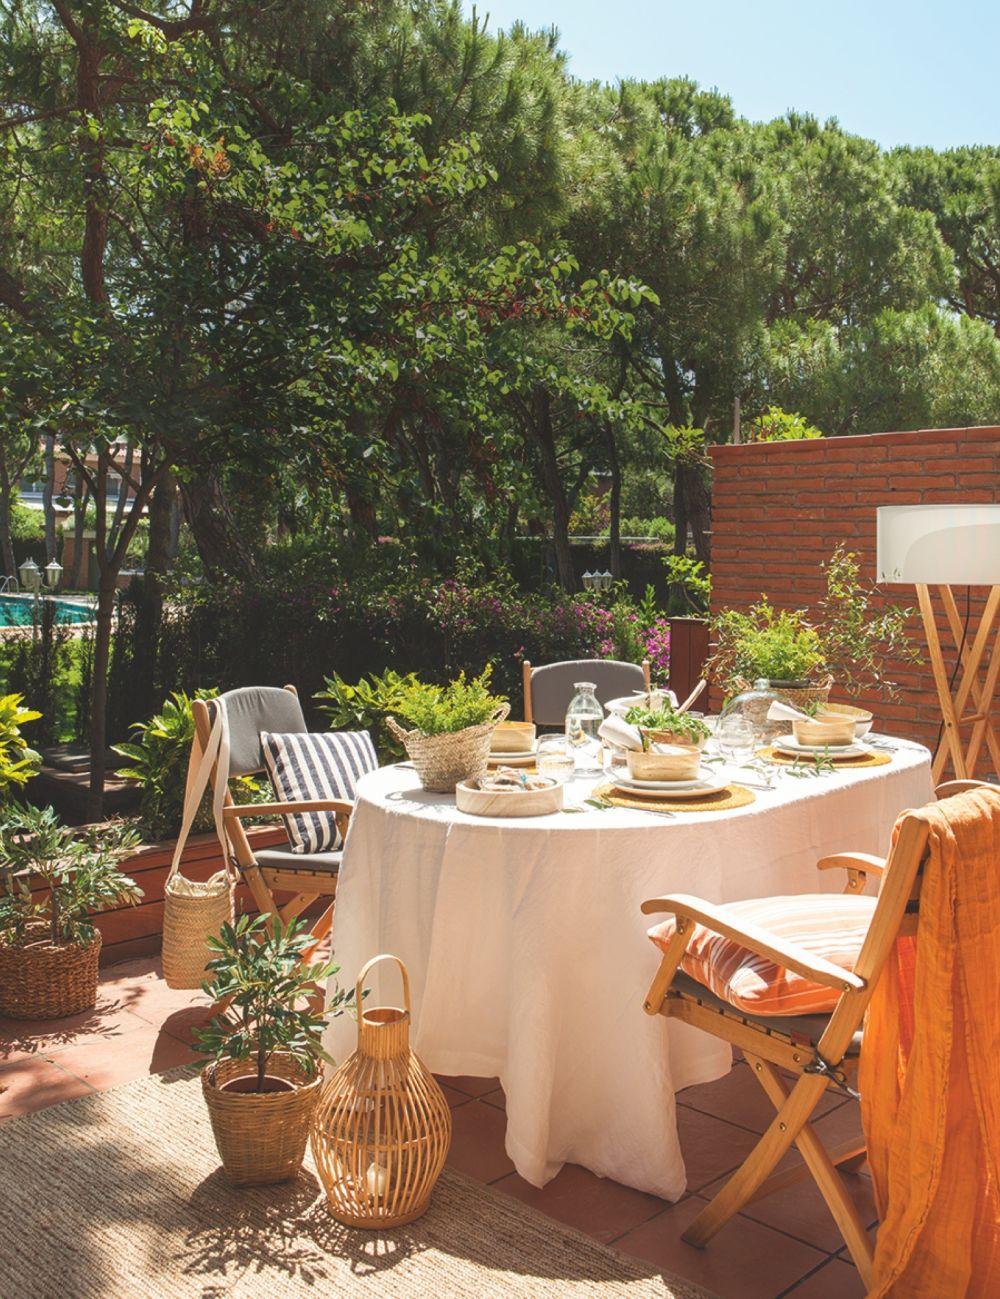 adelaparvu-com-despre-casa-in-stil-mediteranean-barcelona-designer-meritxell-ribe-19